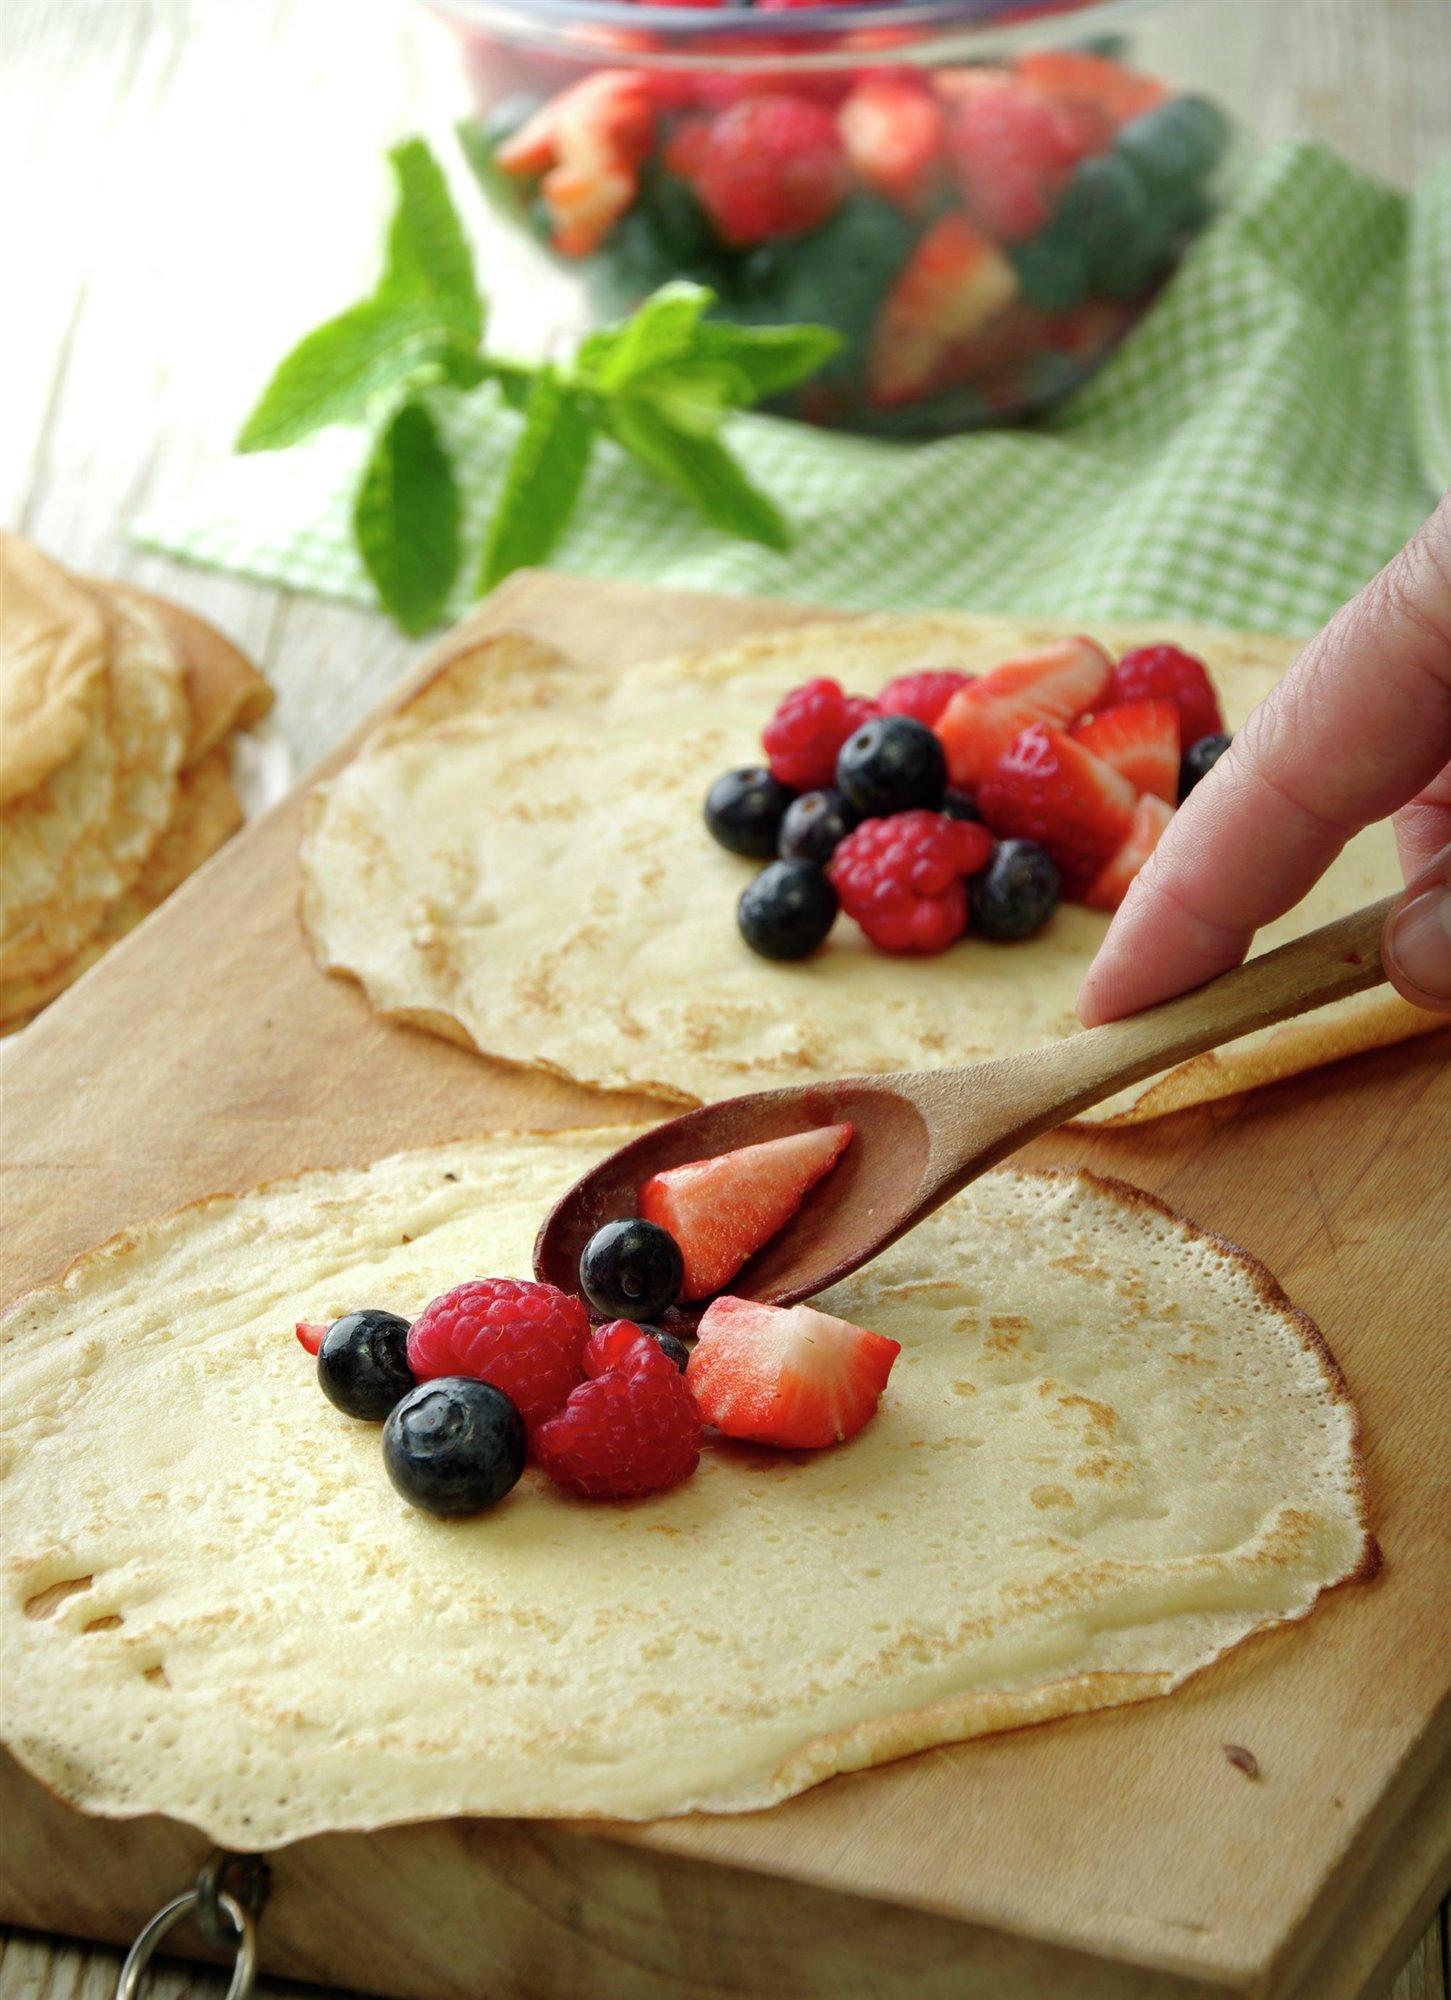 5. Rellenas con frutas